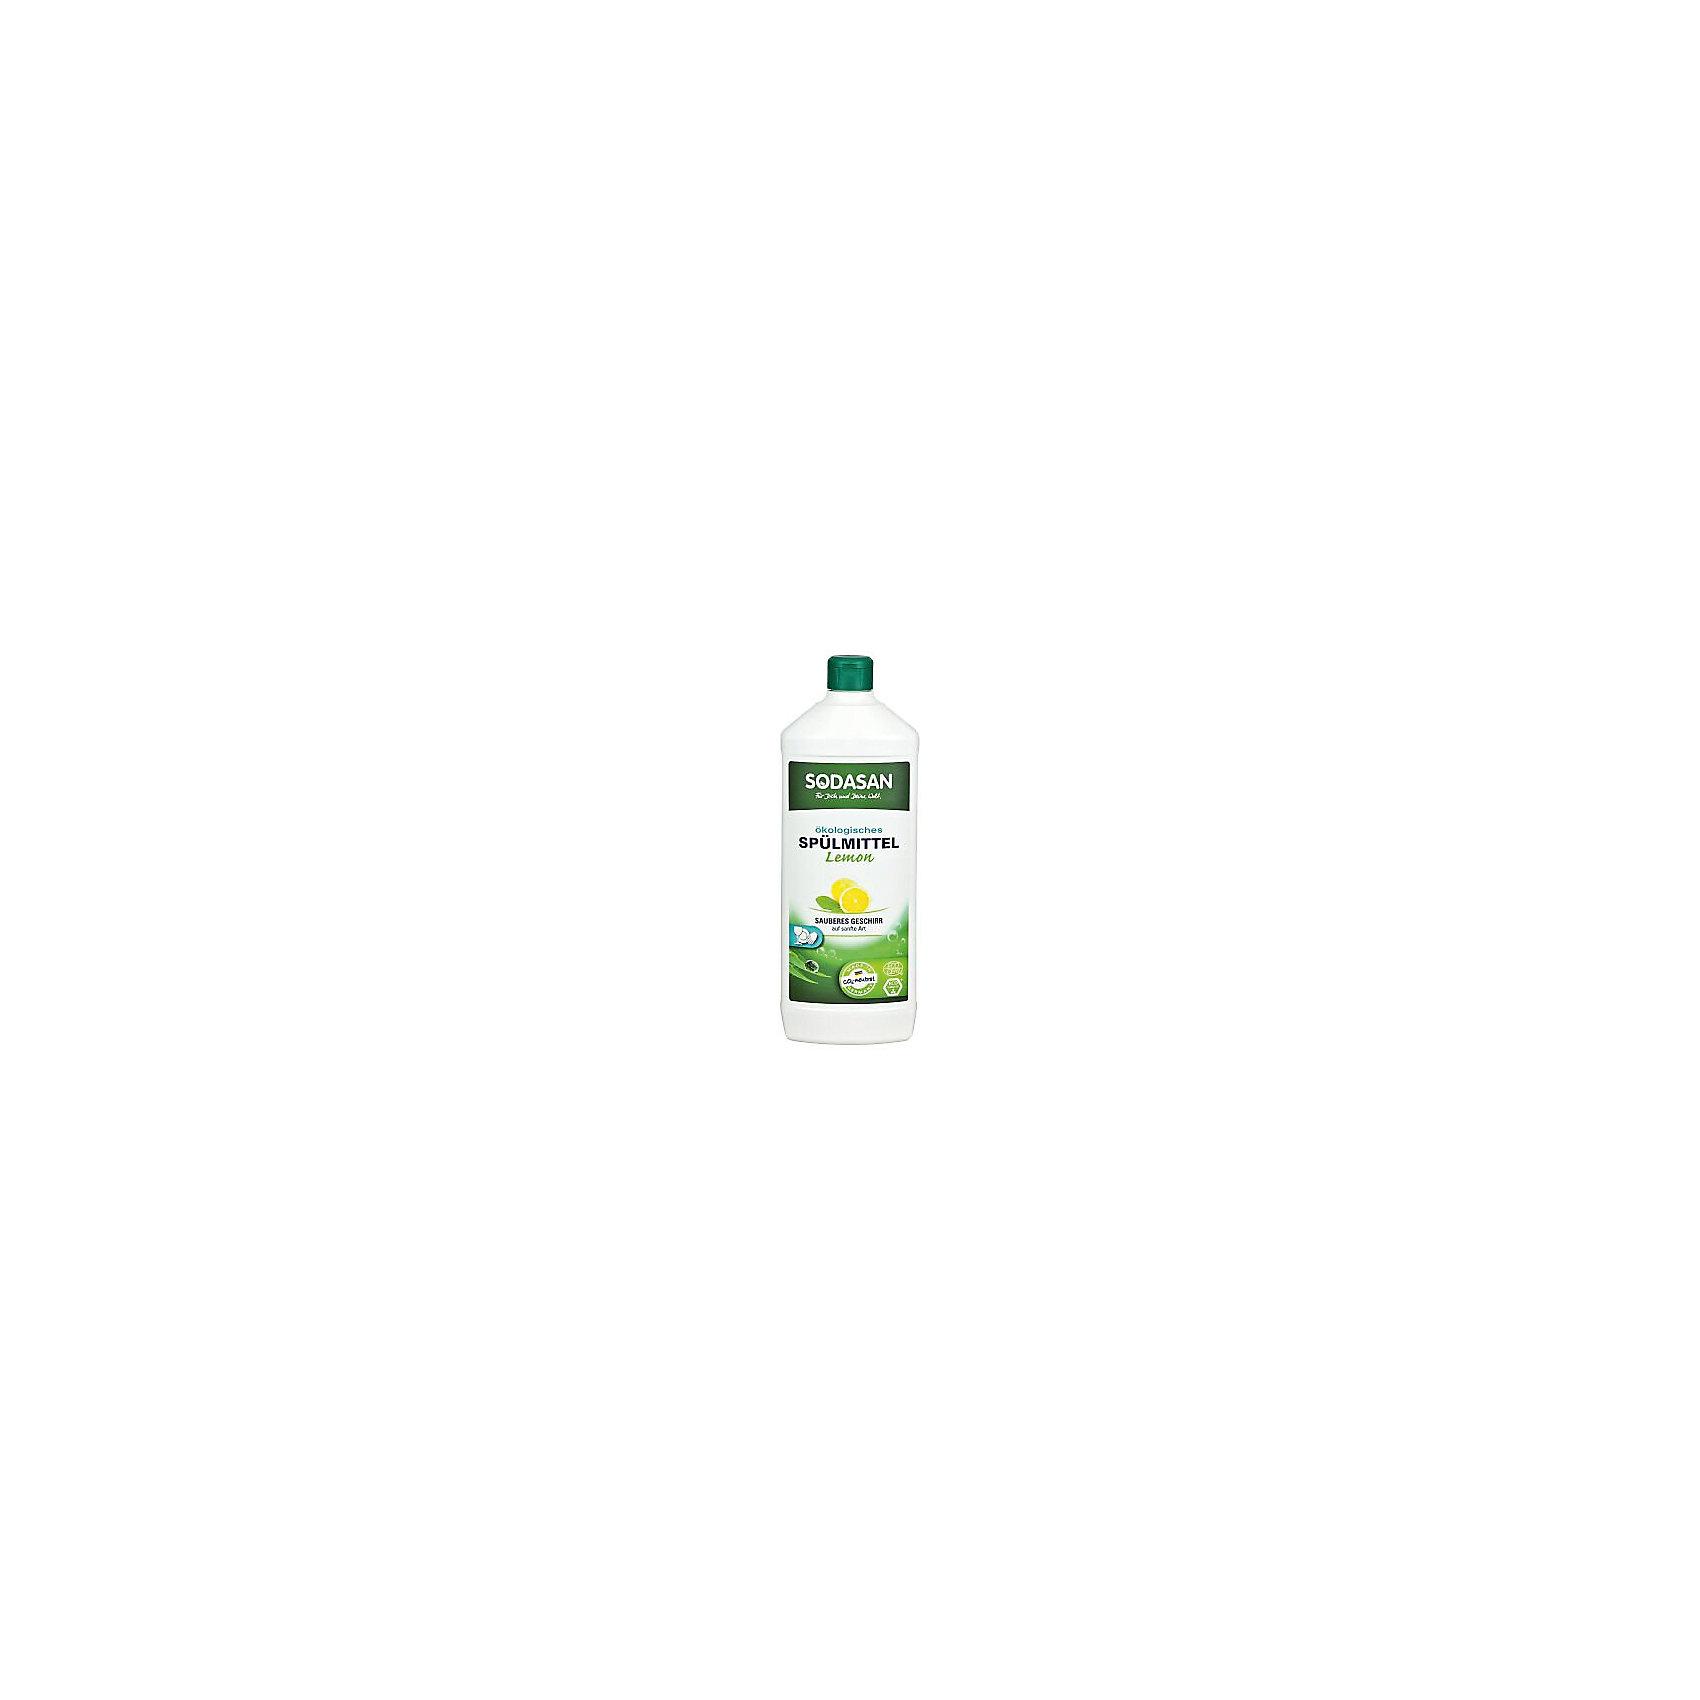 Средство для посуды с лимоном 1л, SodasanКачественно и безопасно моет посуду без лишних усилий! <br>Быстро удаляет загрязнения и жир! <br>Придаёт посуде блеск и не оставляет разводов. <br>В состав входят только безопасные растительные ингредиенты органического происхождения. <br>Специальная формула защищает Ваши руки от пересыхания и делает их мягкими на ощупь. <br>Экономично в использовании!<br> <br>SODASAN Органическое Универсальное средство мытья для посуды с Лимоном.<br>Универсальна для безопасного очищения! Можно использовать для мытья кастрюль, плиты, любых поверхностей на кухне и в доме. Может справиться с сильными загрязнениями, засохшими остатками пищи и жиром. <br>Способ использования: нанесите на губку и протрите загрязненные поверхности. Смойте водой.<br><br>Ширина мм: 250<br>Глубина мм: 100<br>Высота мм: 250<br>Вес г: 1000<br>Возраст от месяцев: 216<br>Возраст до месяцев: 1188<br>Пол: Унисекс<br>Возраст: Детский<br>SKU: 5407621